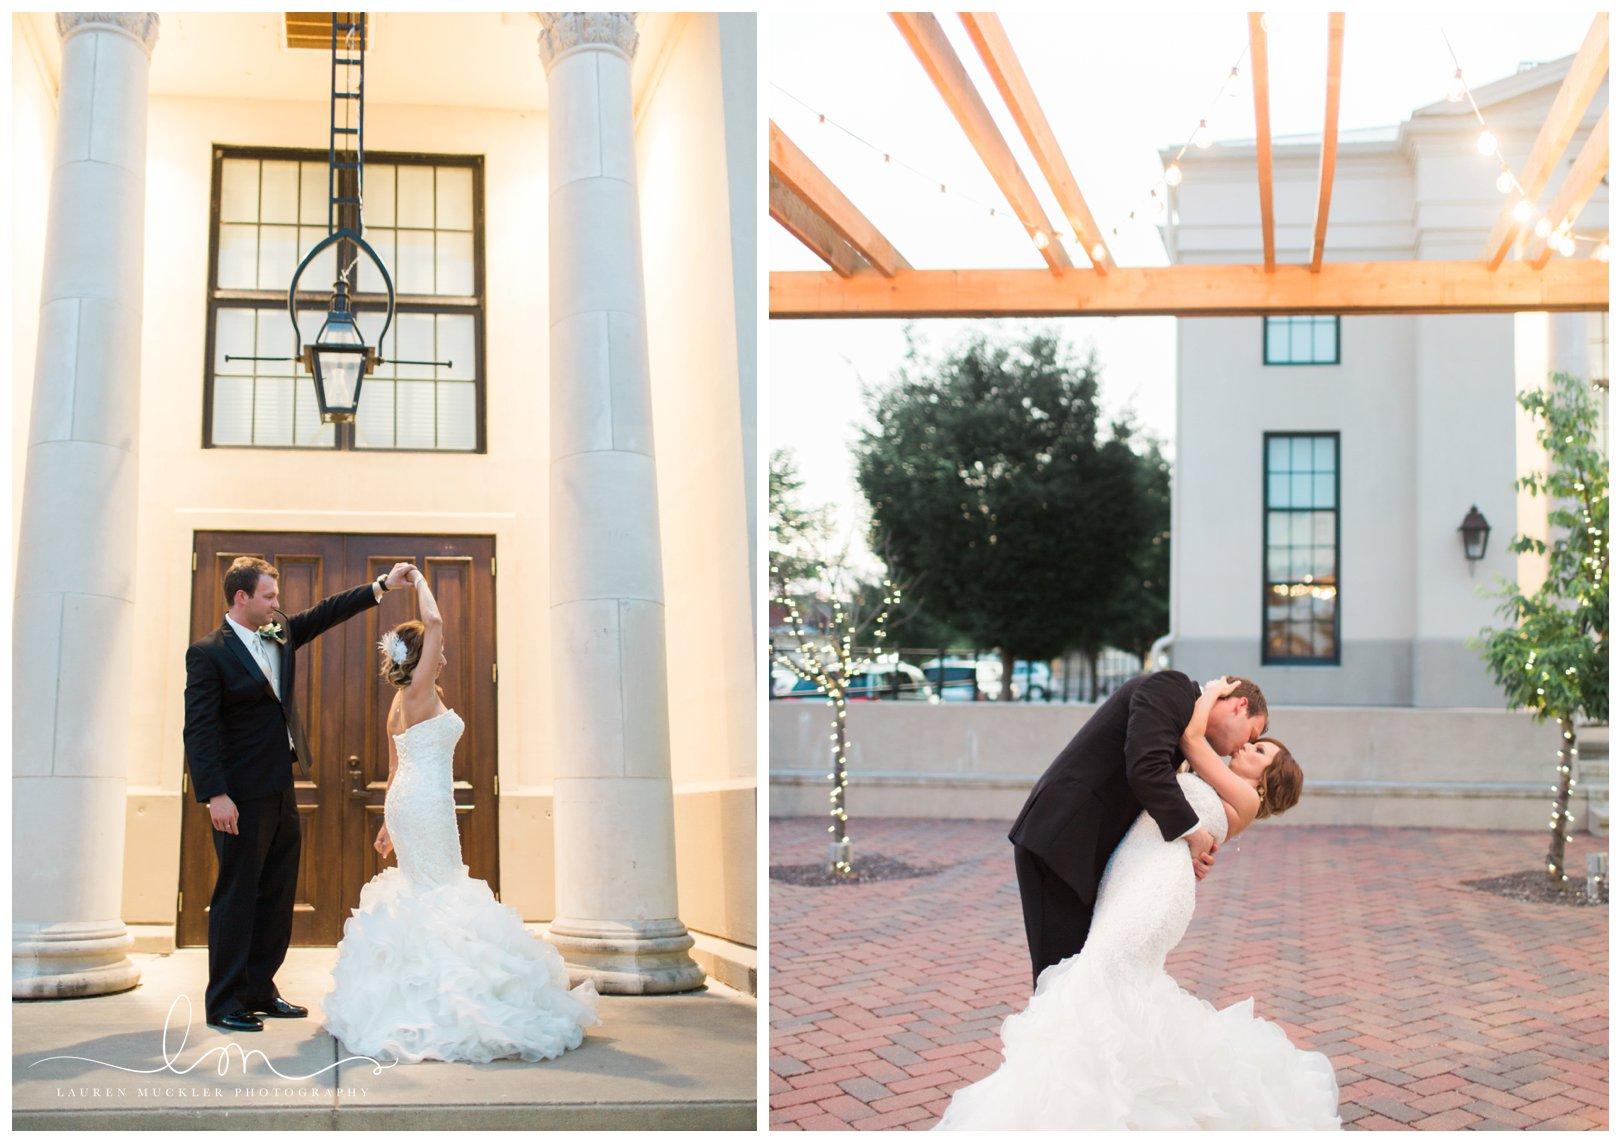 lauren muckler photography_fine art film wedding photography_st louis_photography_0480.jpg